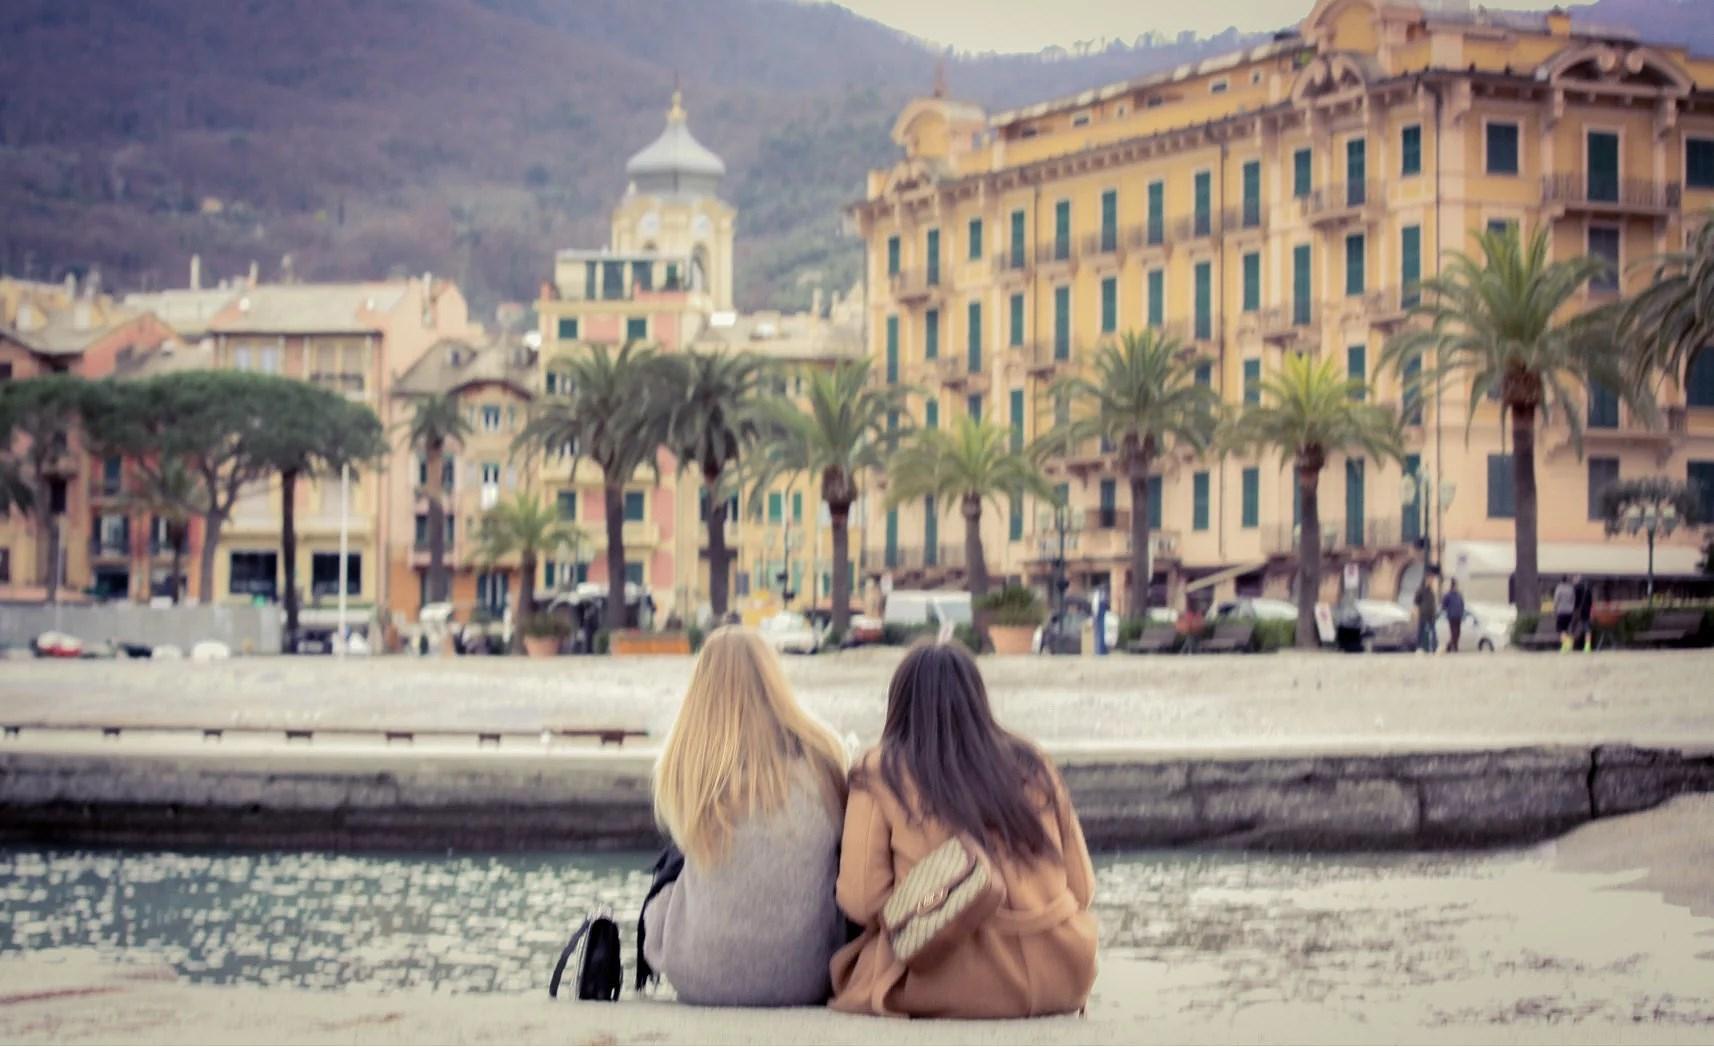 Winter in Santa Margherita Ligure, vanlife, onlylifeweknow